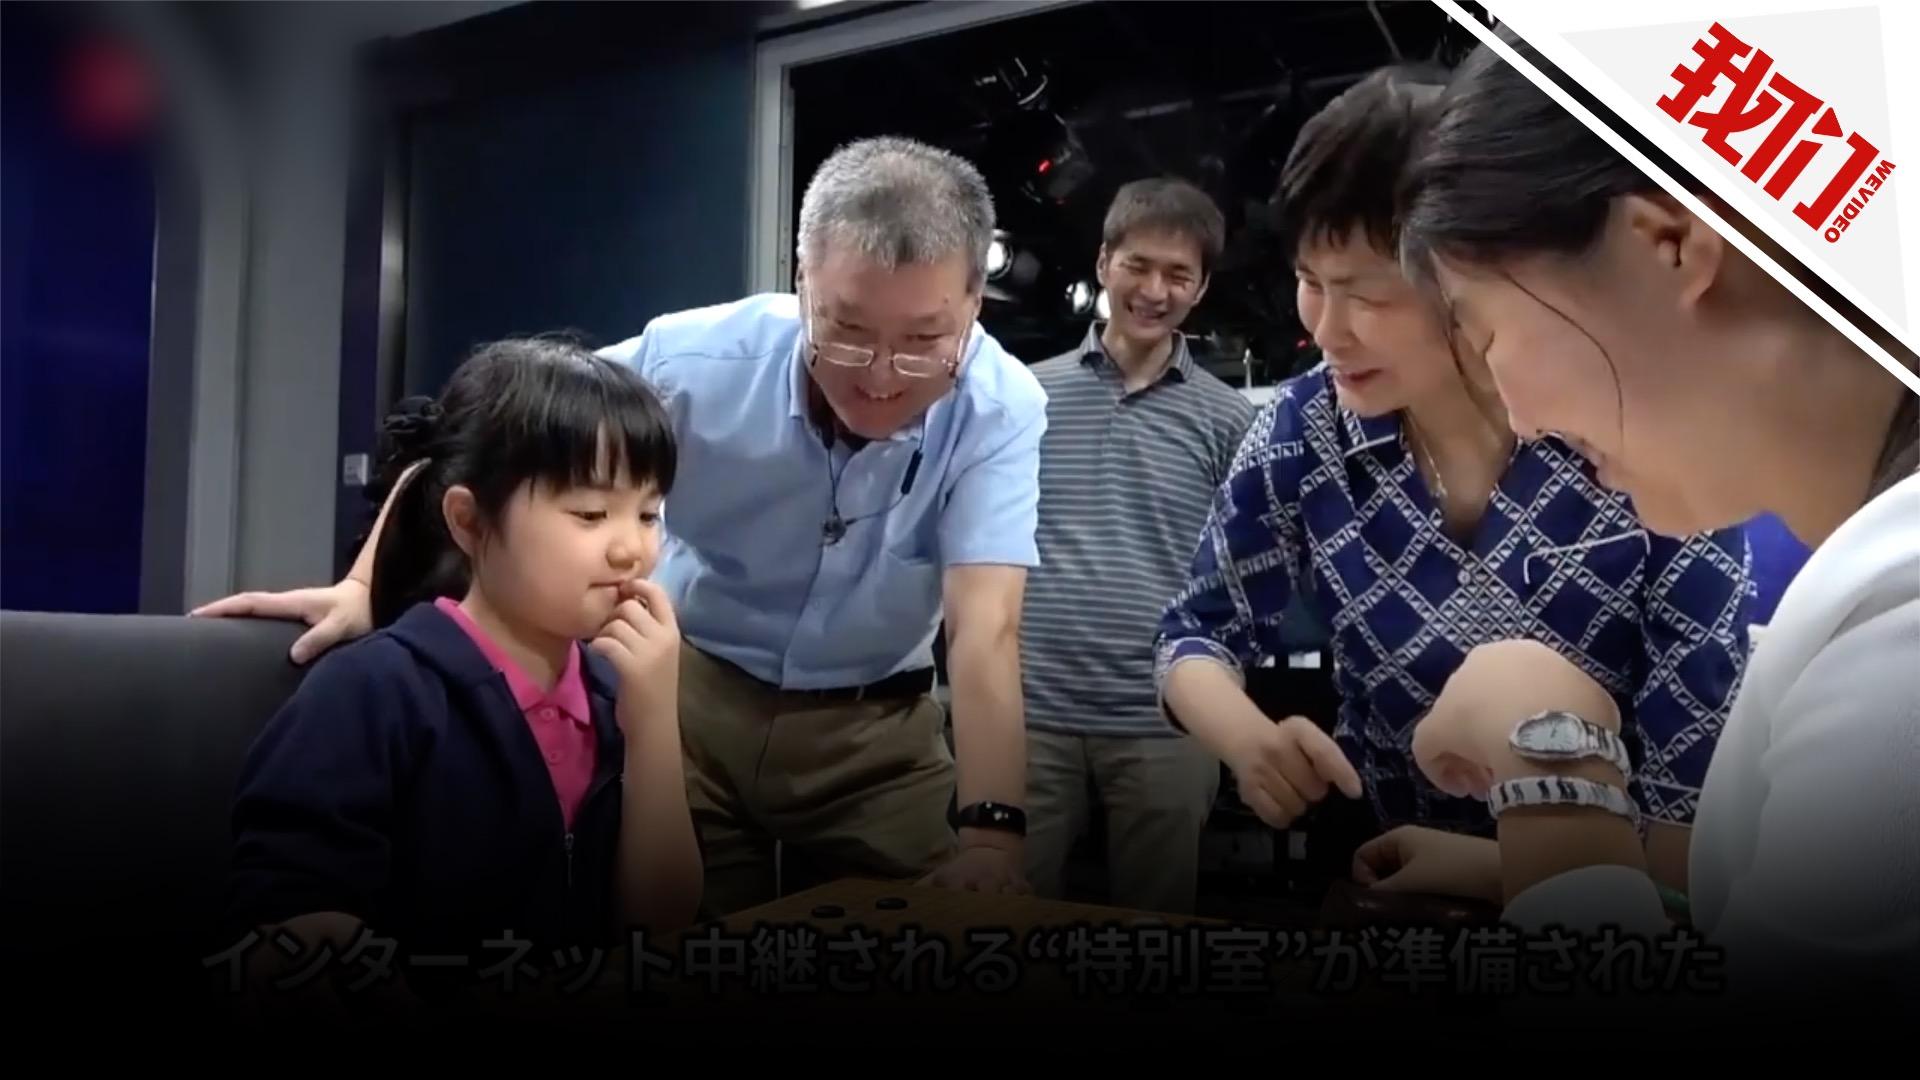 日本10岁围棋天才初次来华 挑战中国棋手以失败告终